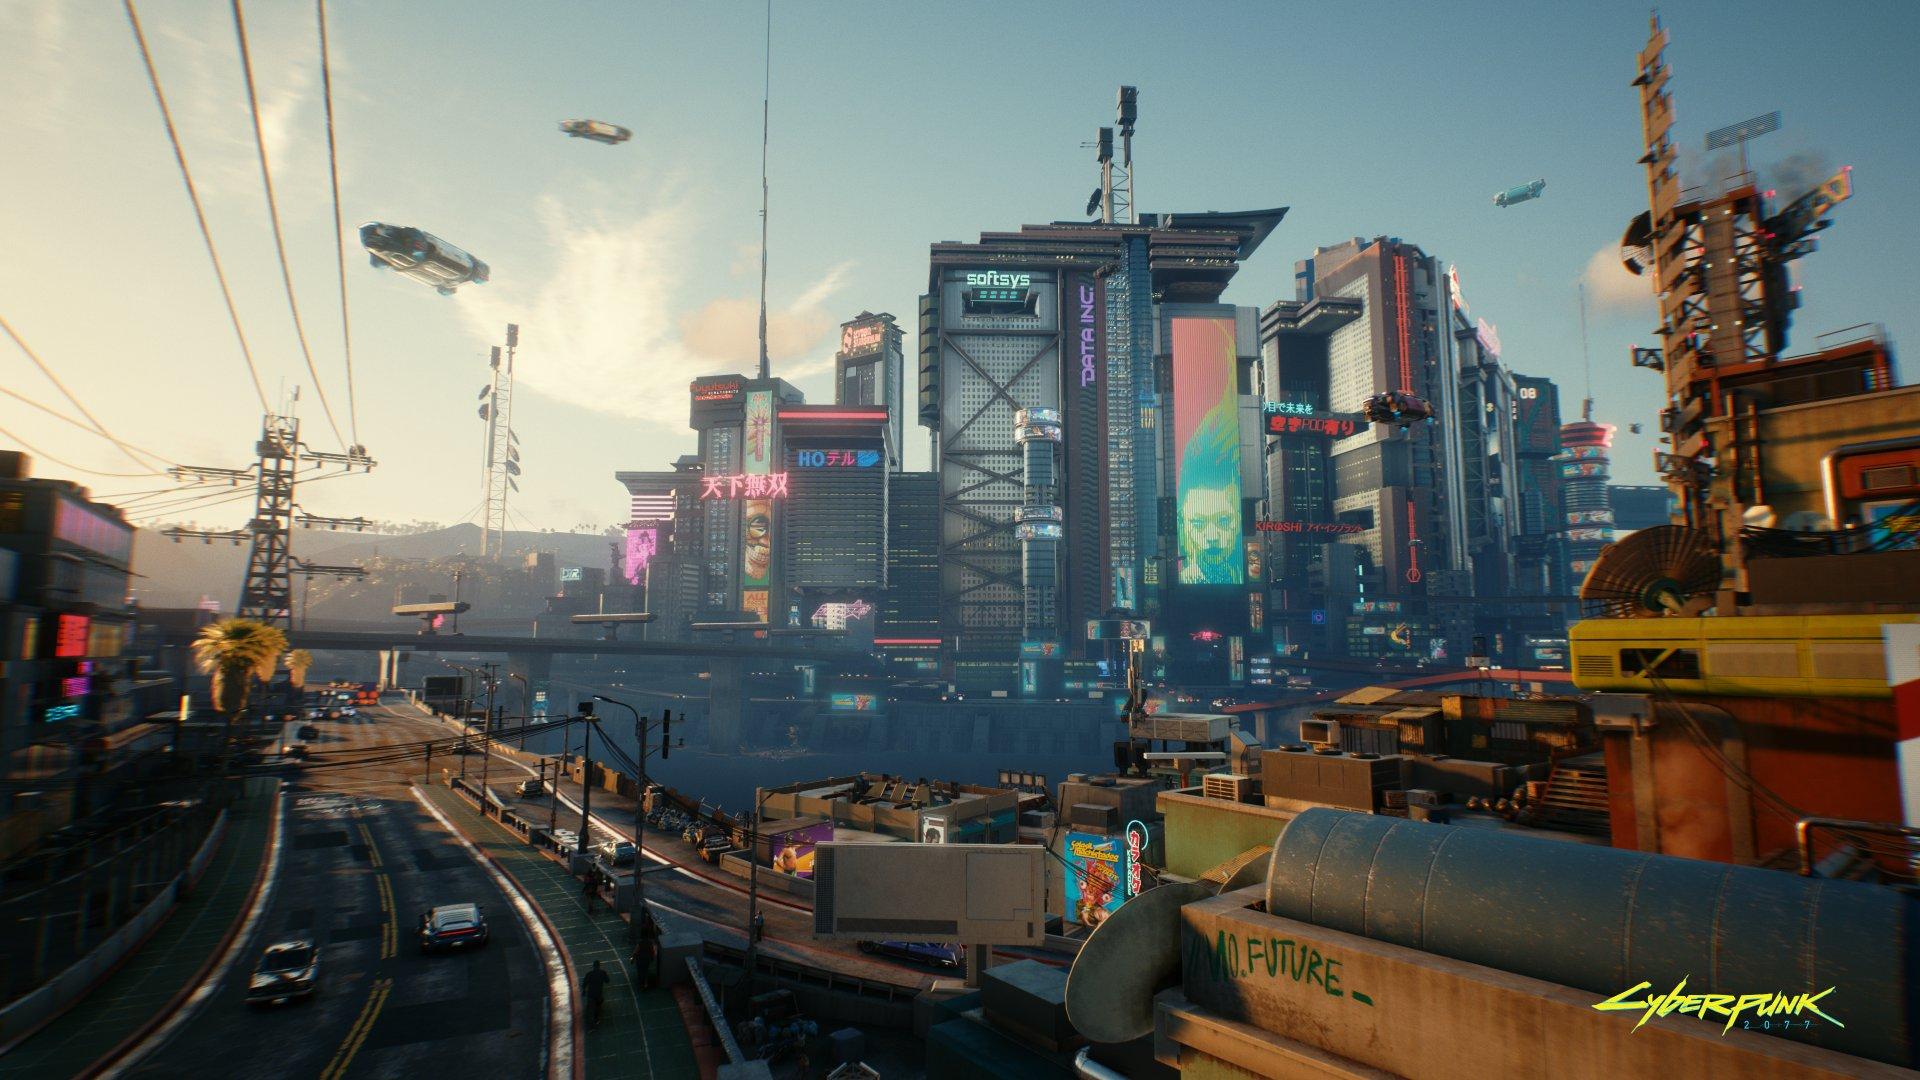 Это не заготовка под DLC: CDPR объяснила, почему в Cyberpunk 2077 много недоделанных локаций